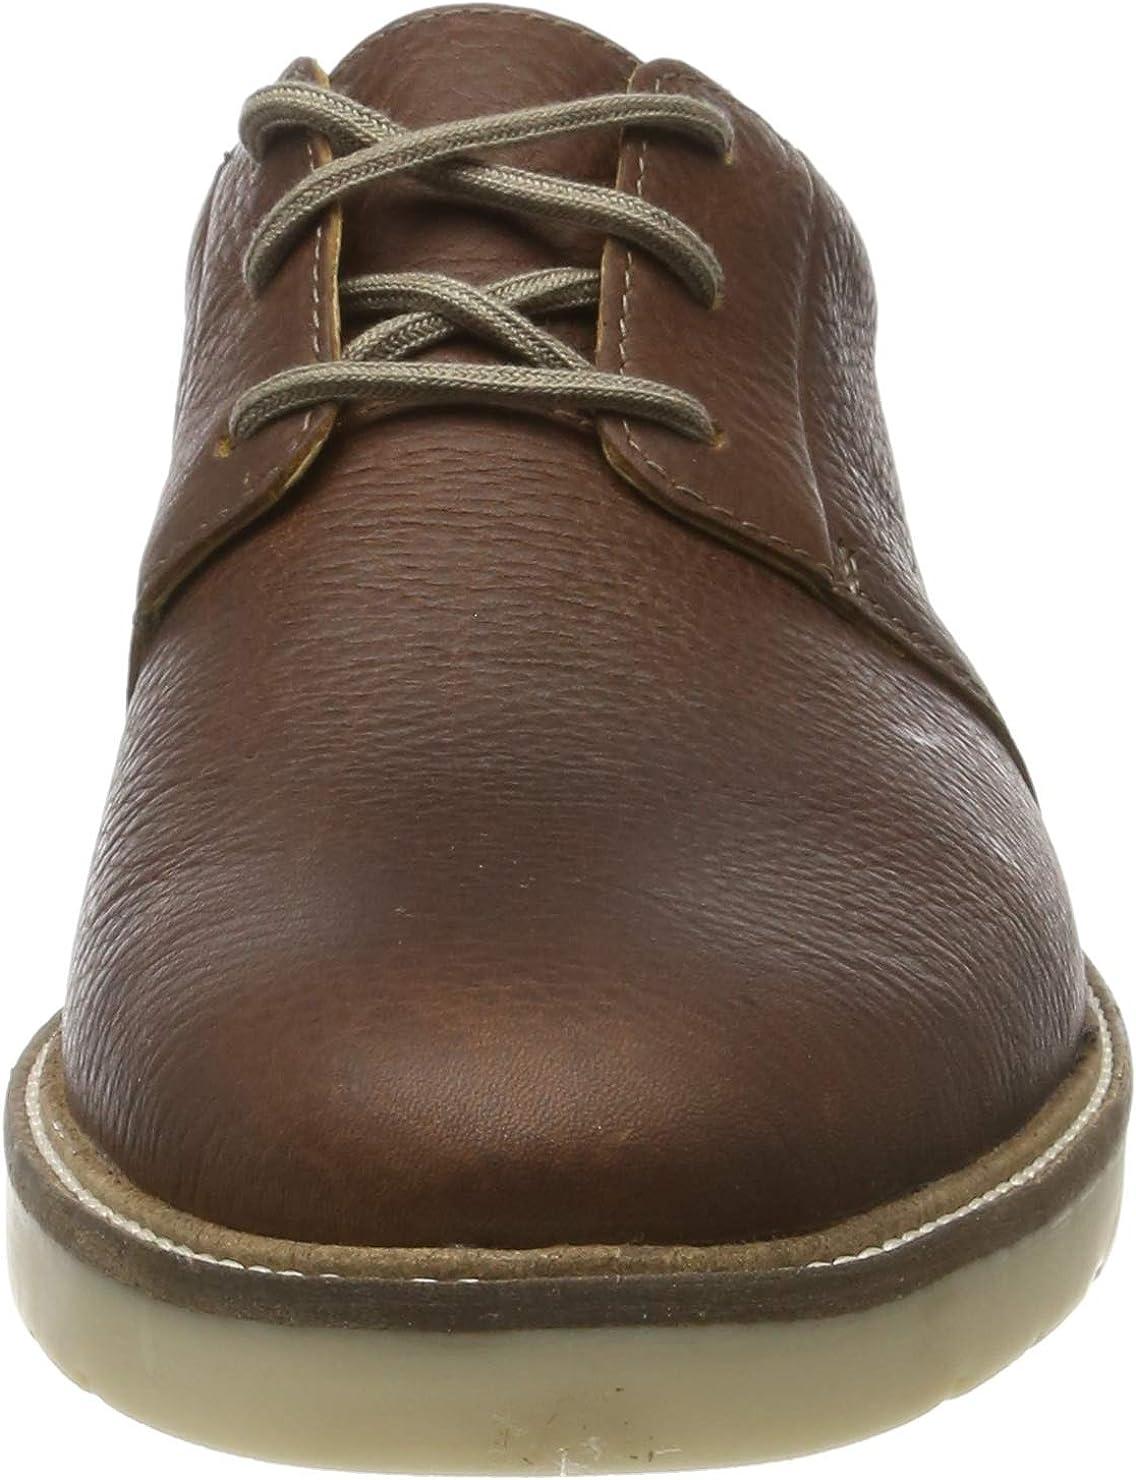 Clarks Grandin Plain Zapatos de Cordones Derby para Hombre